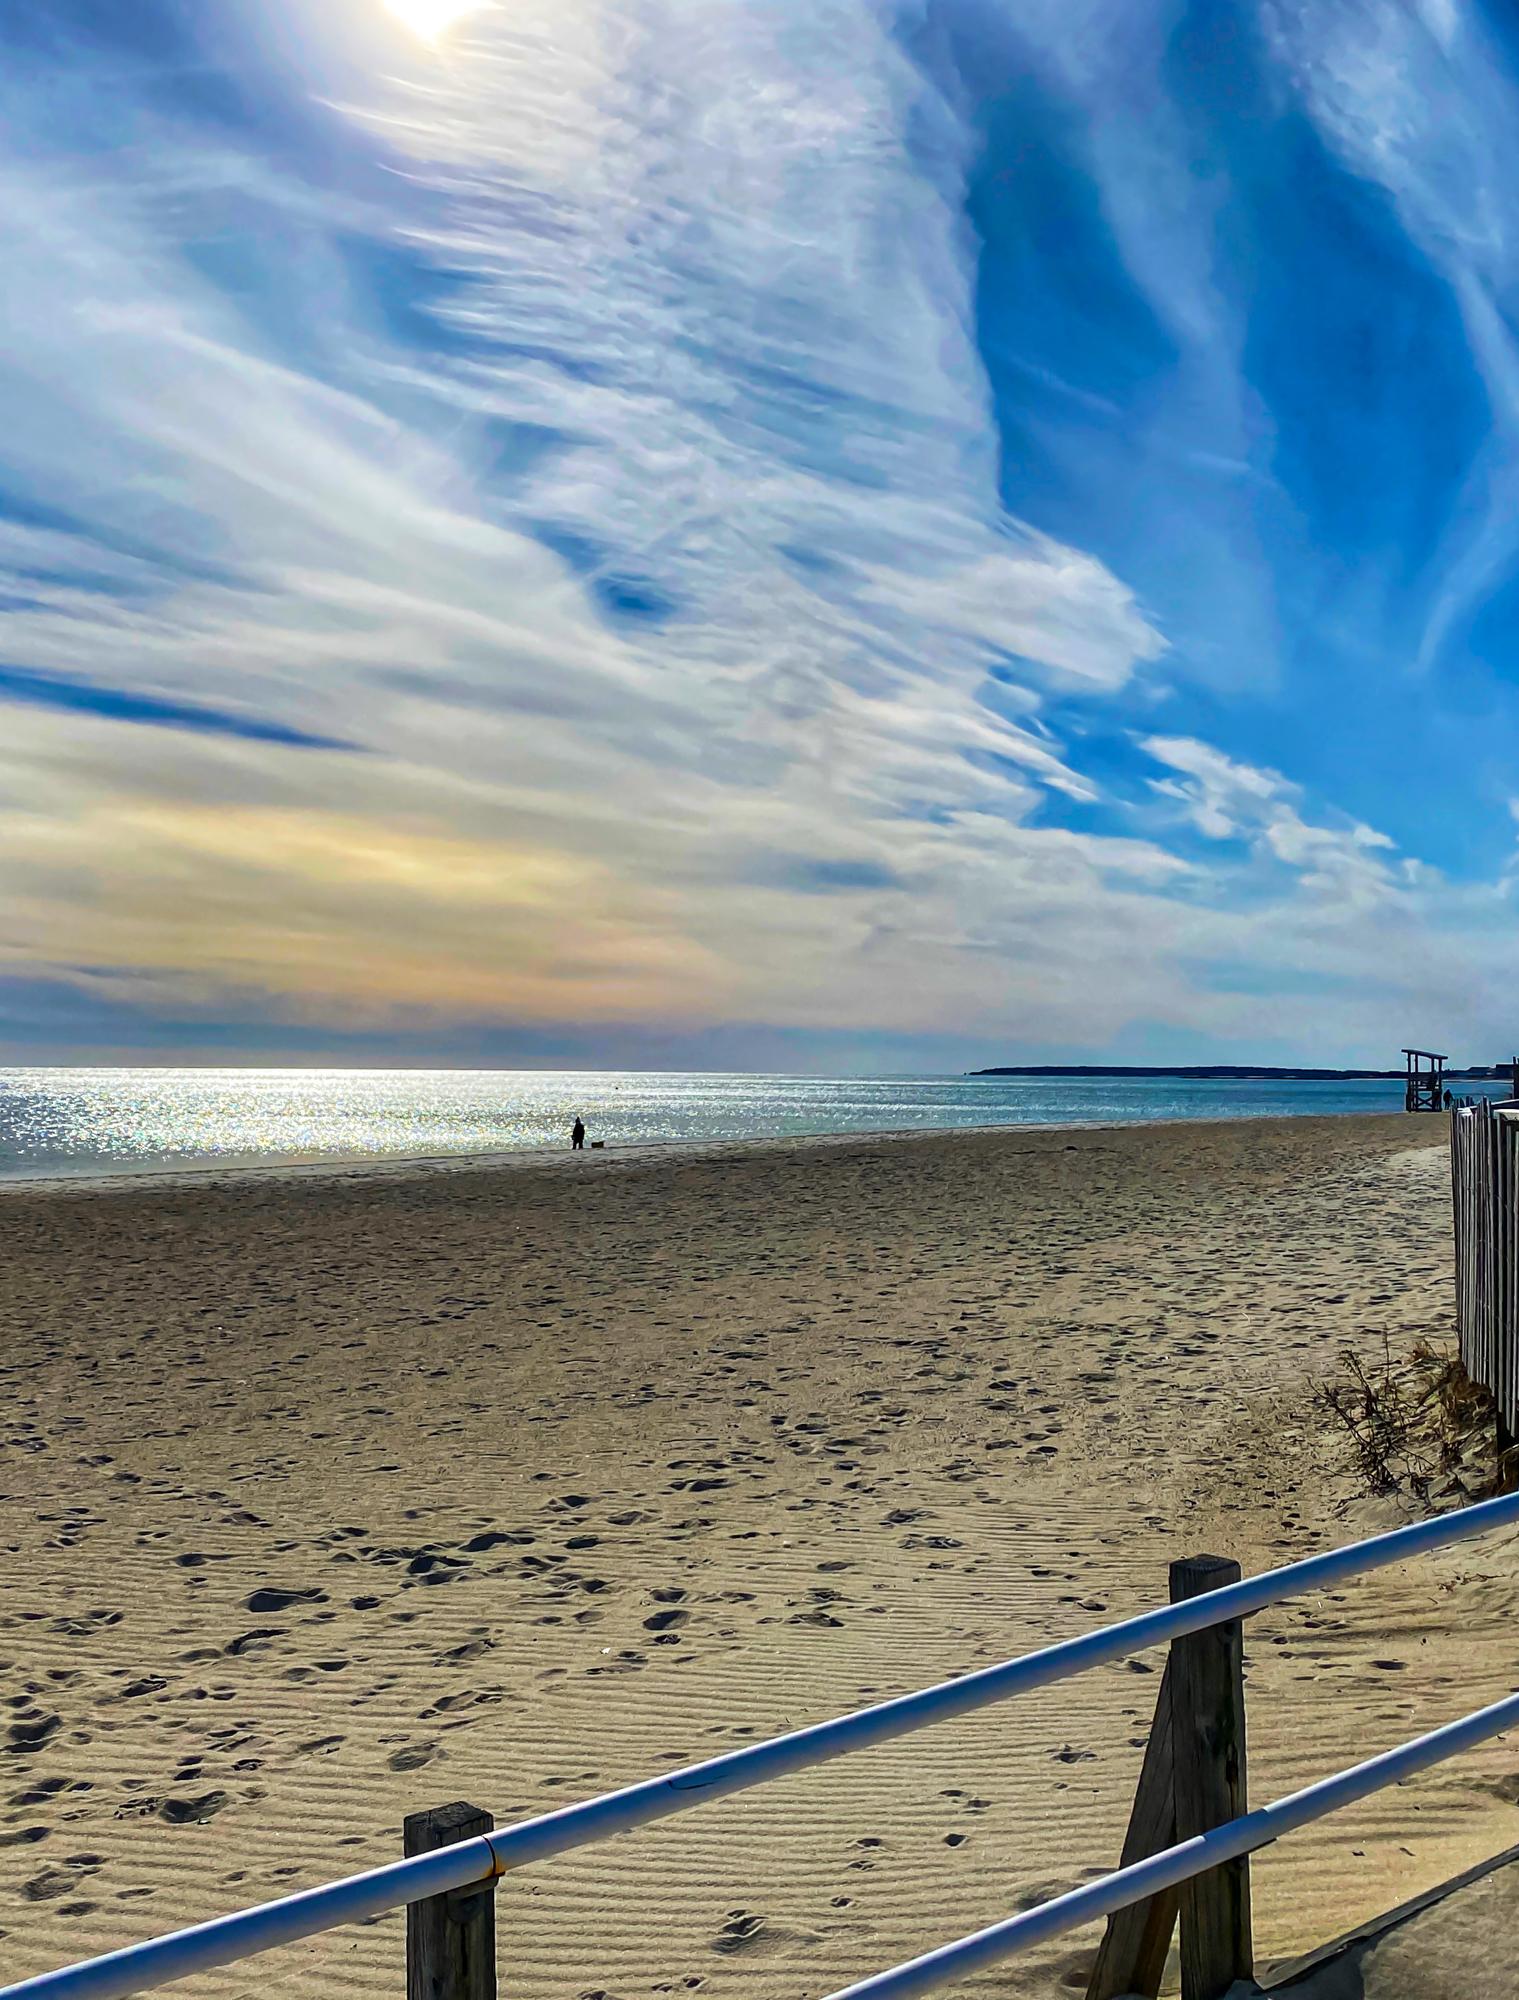 Beach with pretty sky